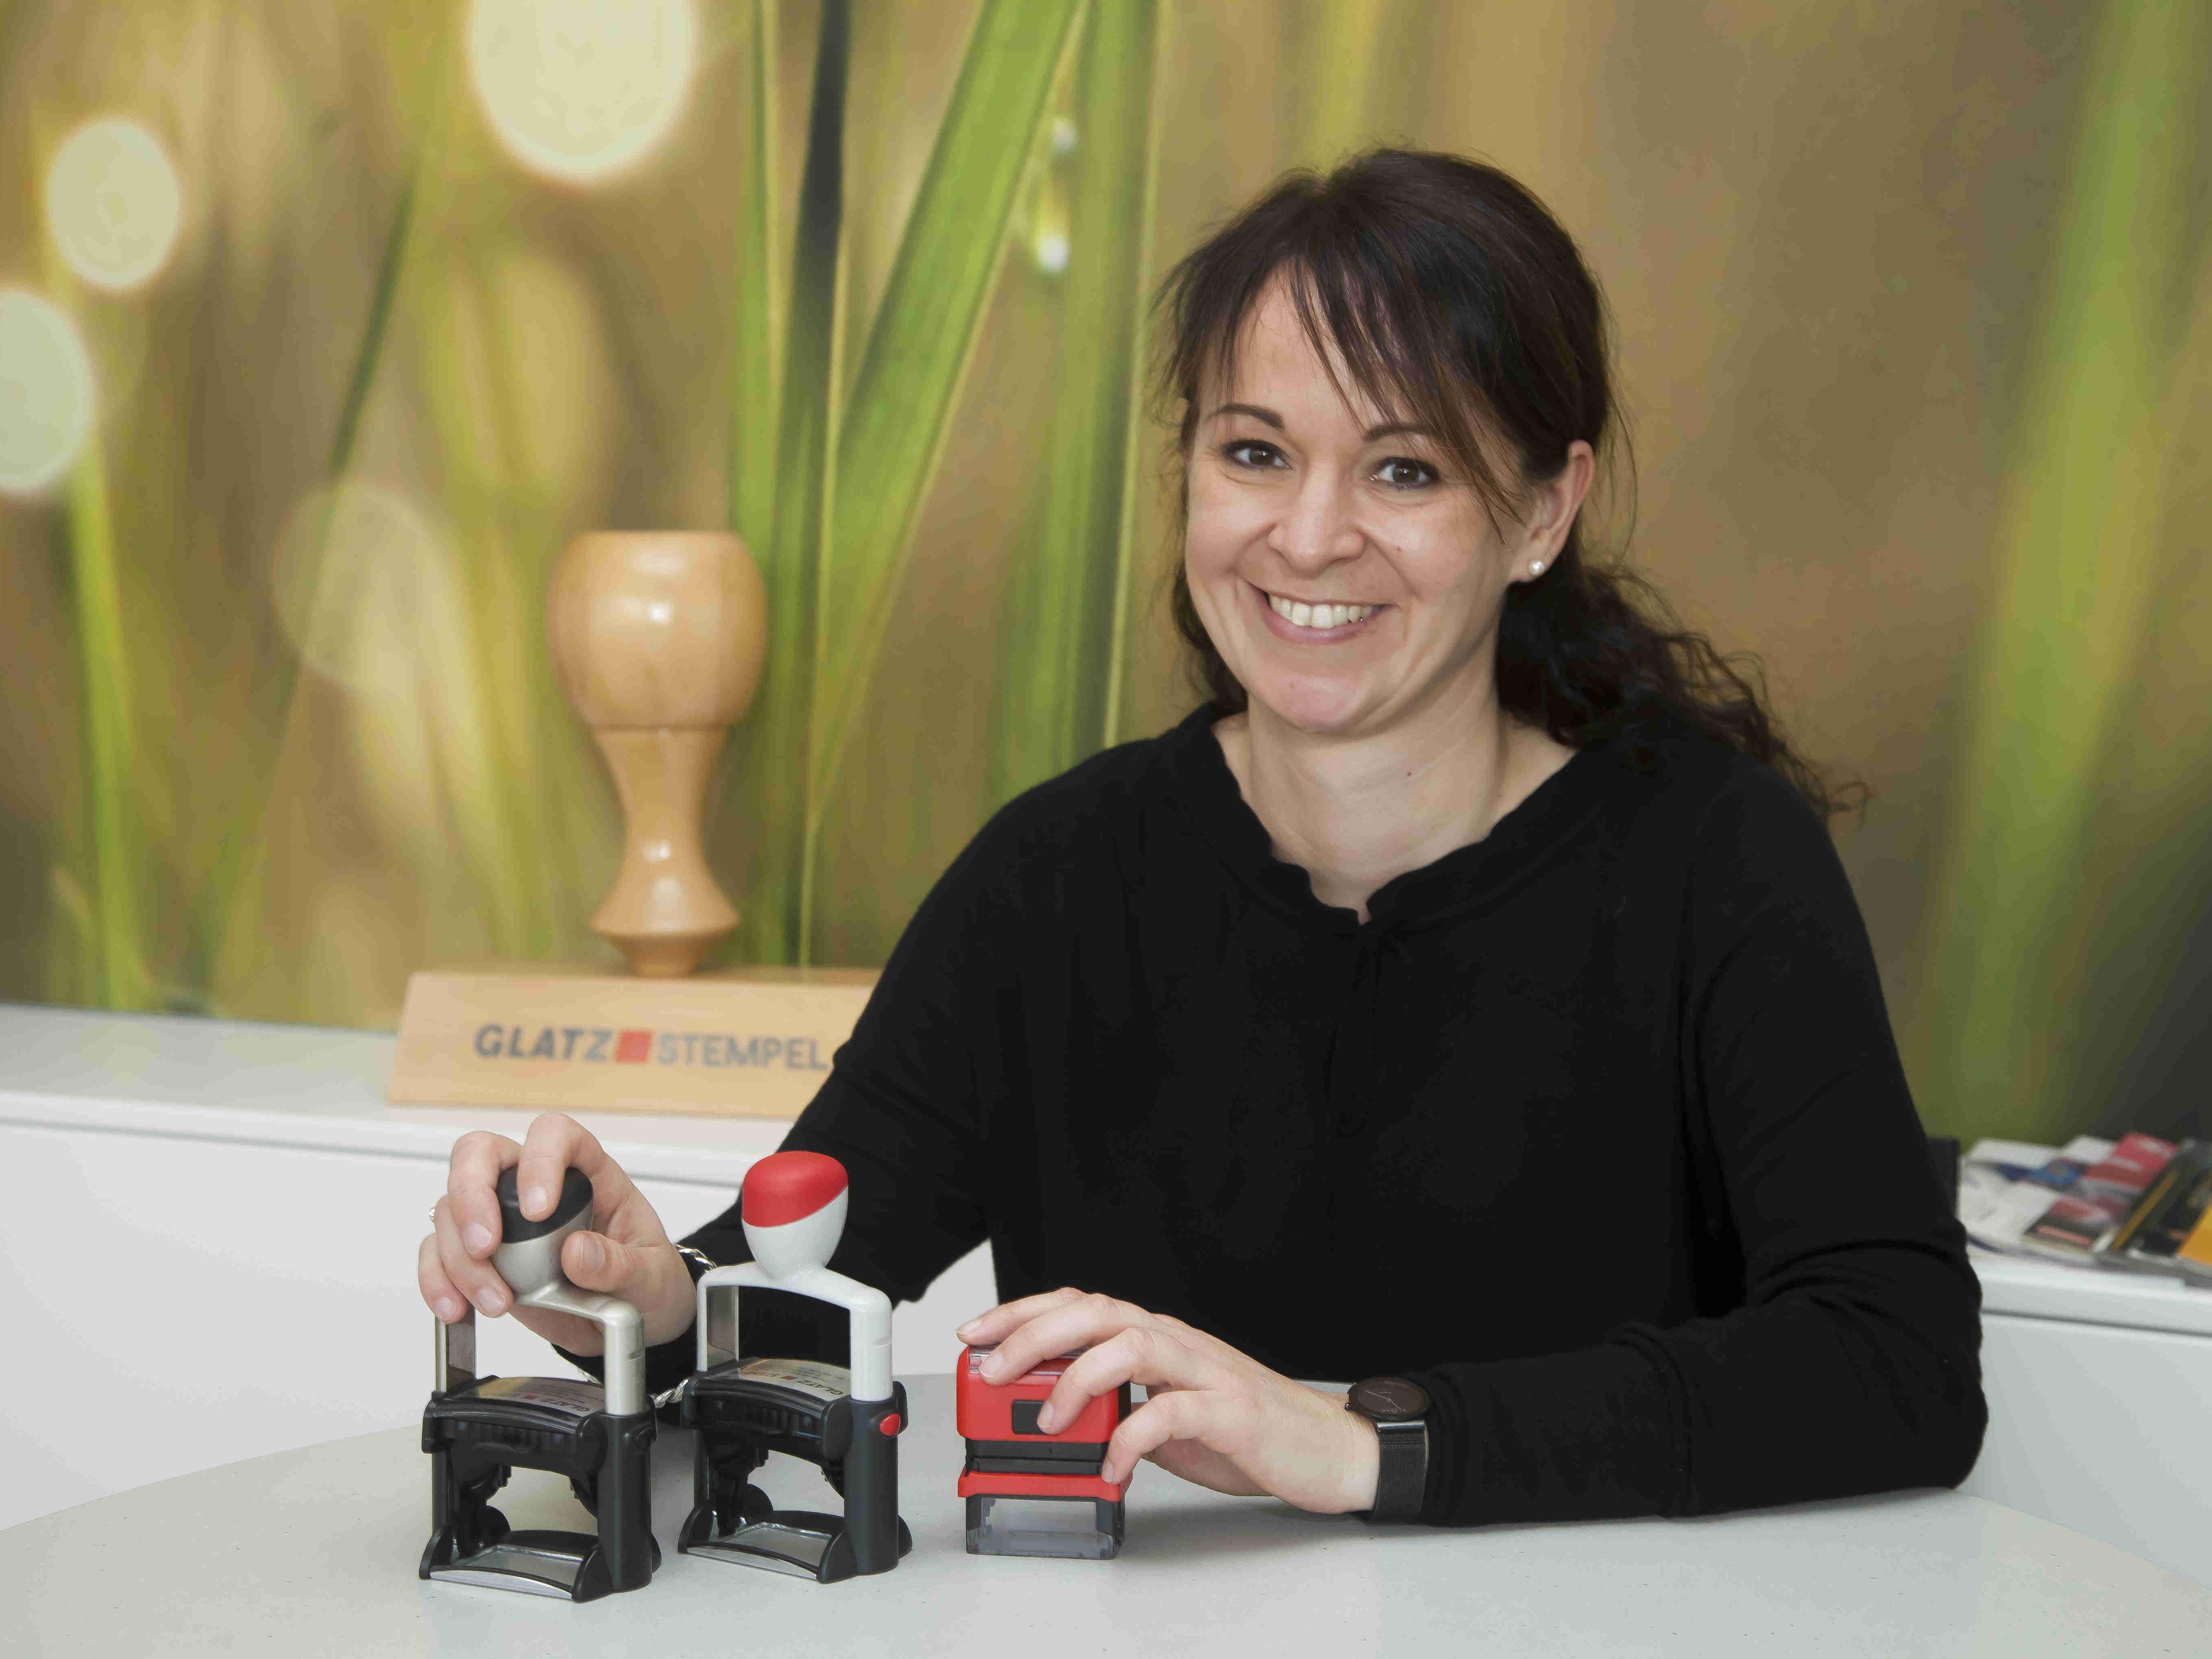 Die Hörbranzerin Sandra Jehle-Troy ist Geschäftsführerin von Glatz Stempel in Bregenz. Ihr Betrieb wurde gestern Abend als eines der familienfreundlichsten Unternehmen des Landes ausgezeichnet.